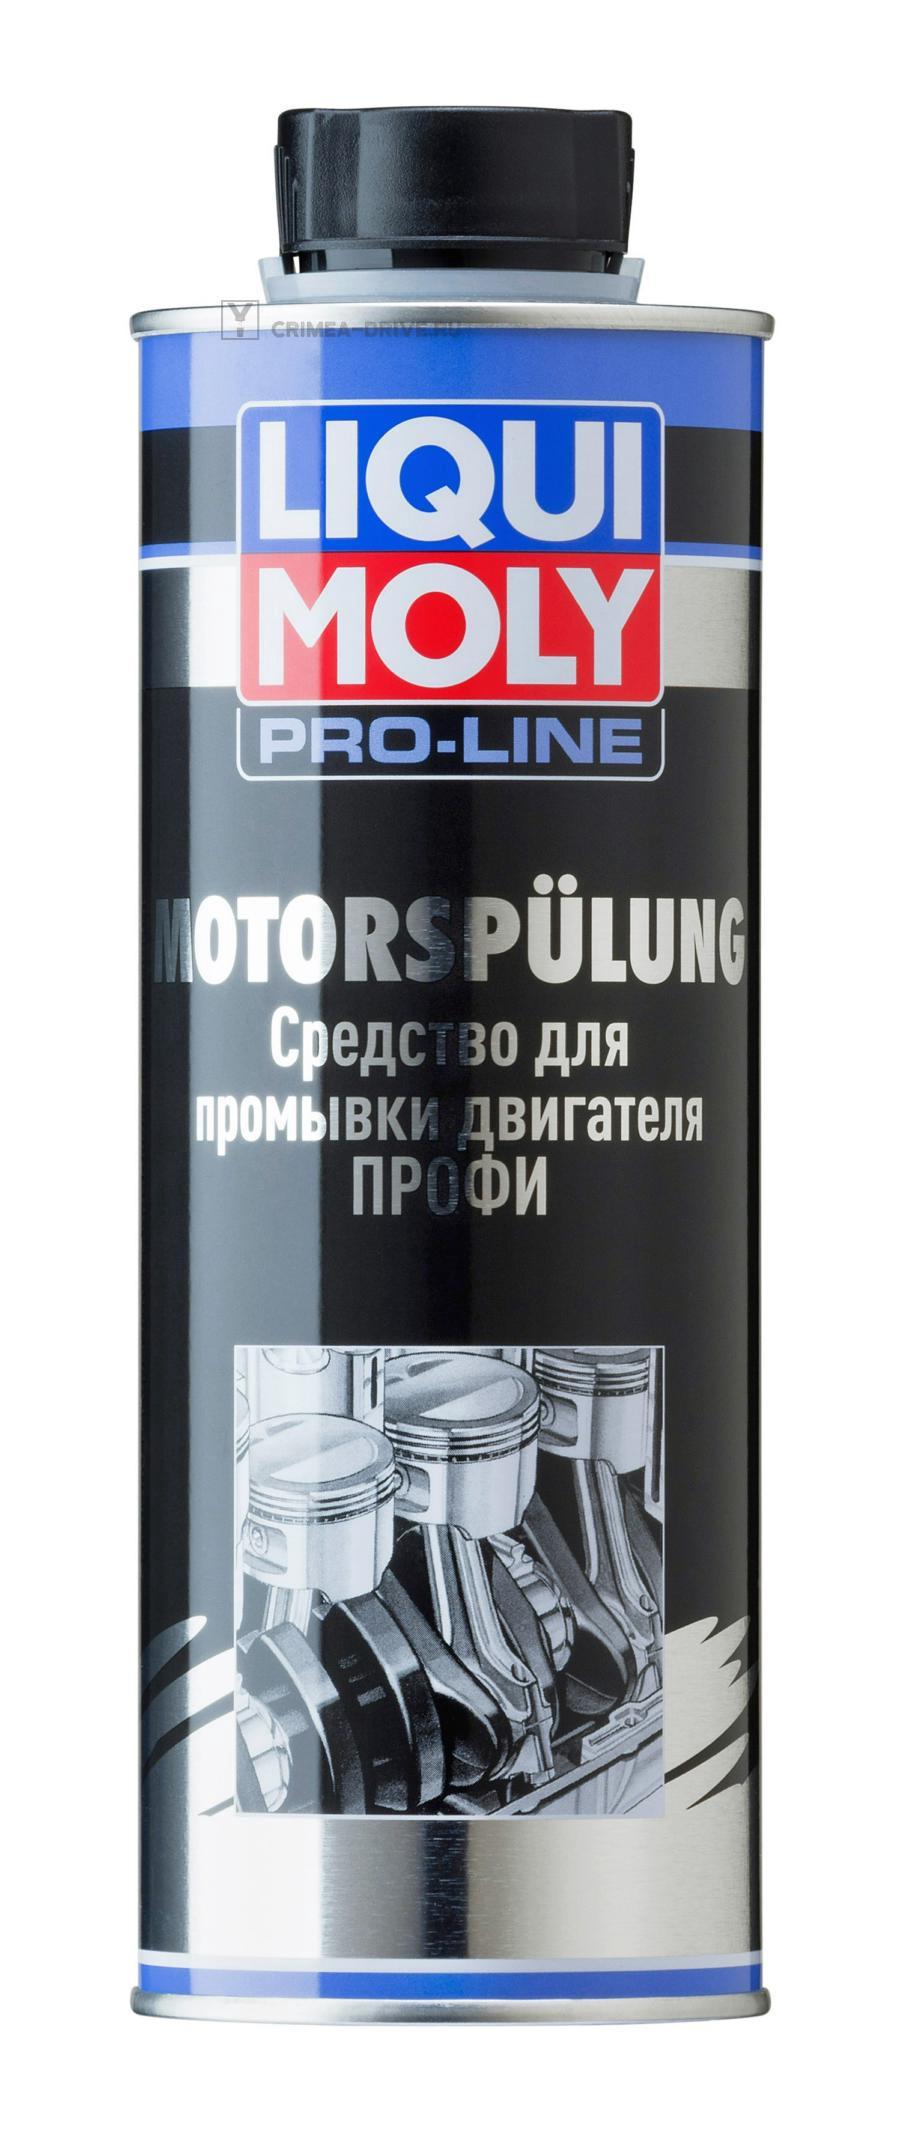 Средство для промывки двигателя Motorspulung Pro-Line 0.5л